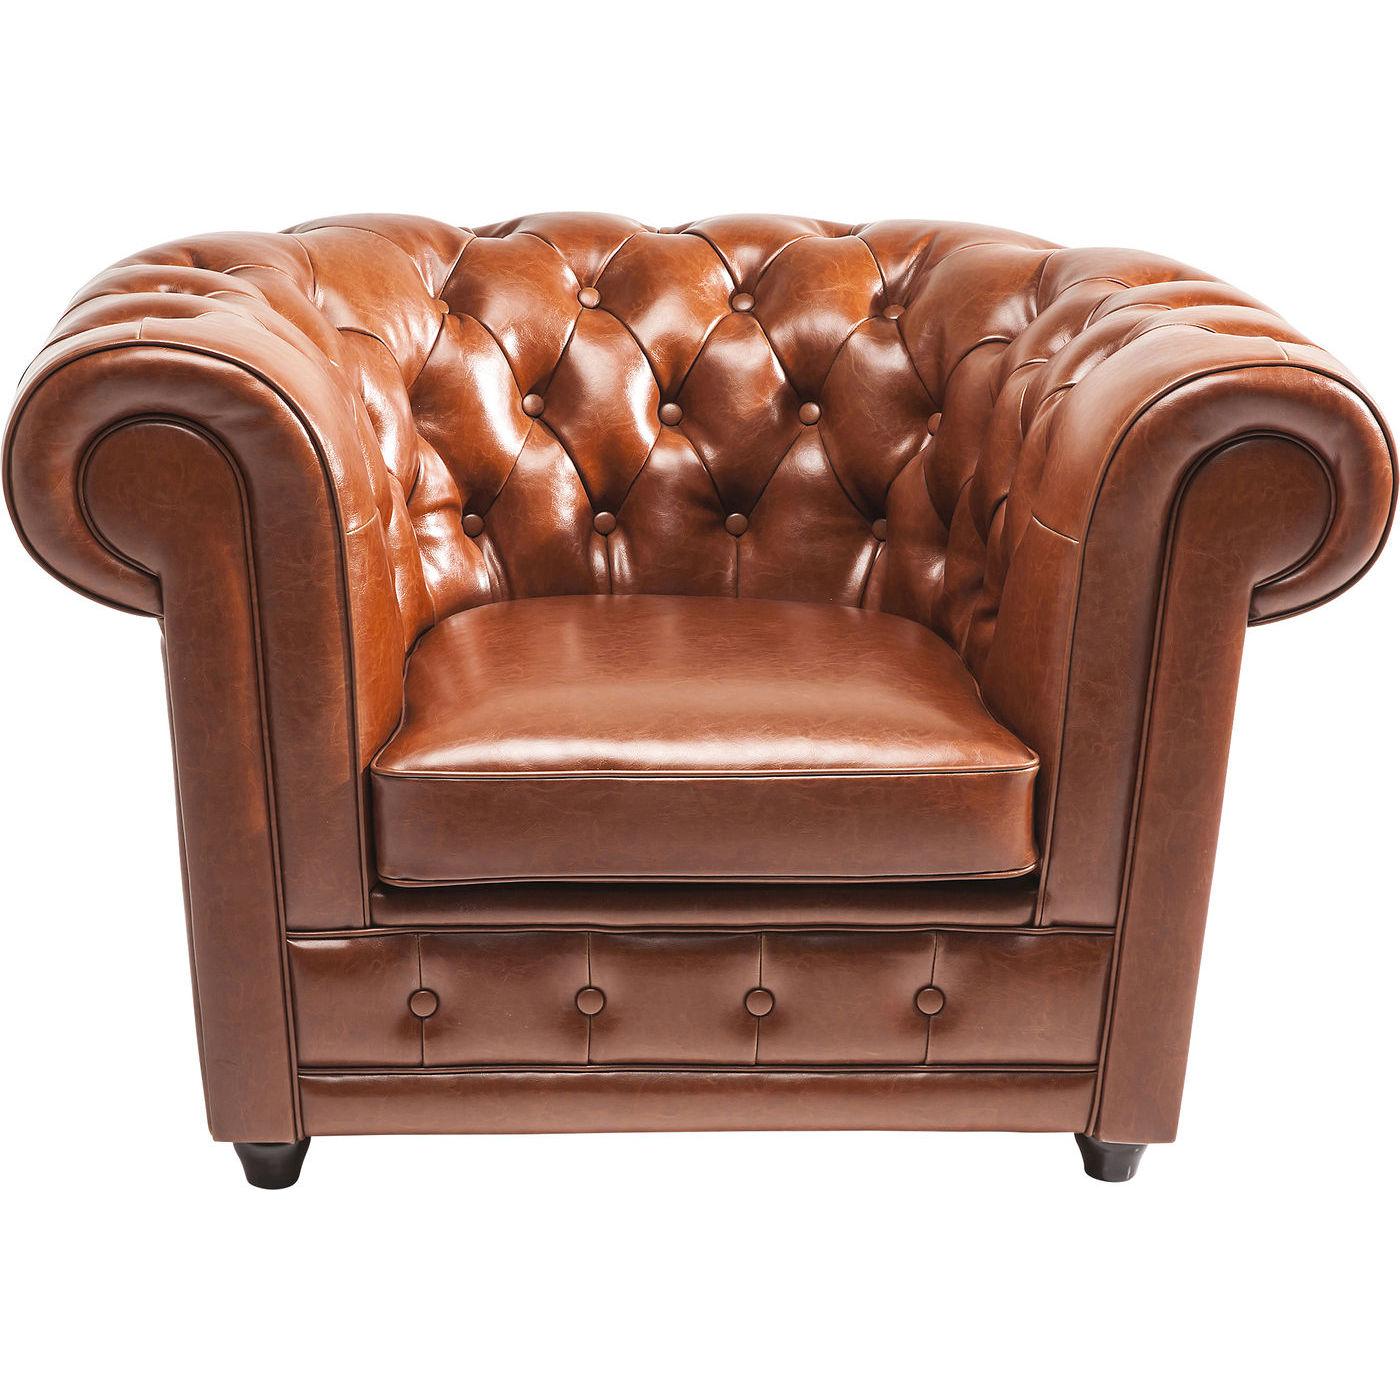 Billede af Kare Design Hvilestol m. Armlæn, Oxford bycast leather Cognac